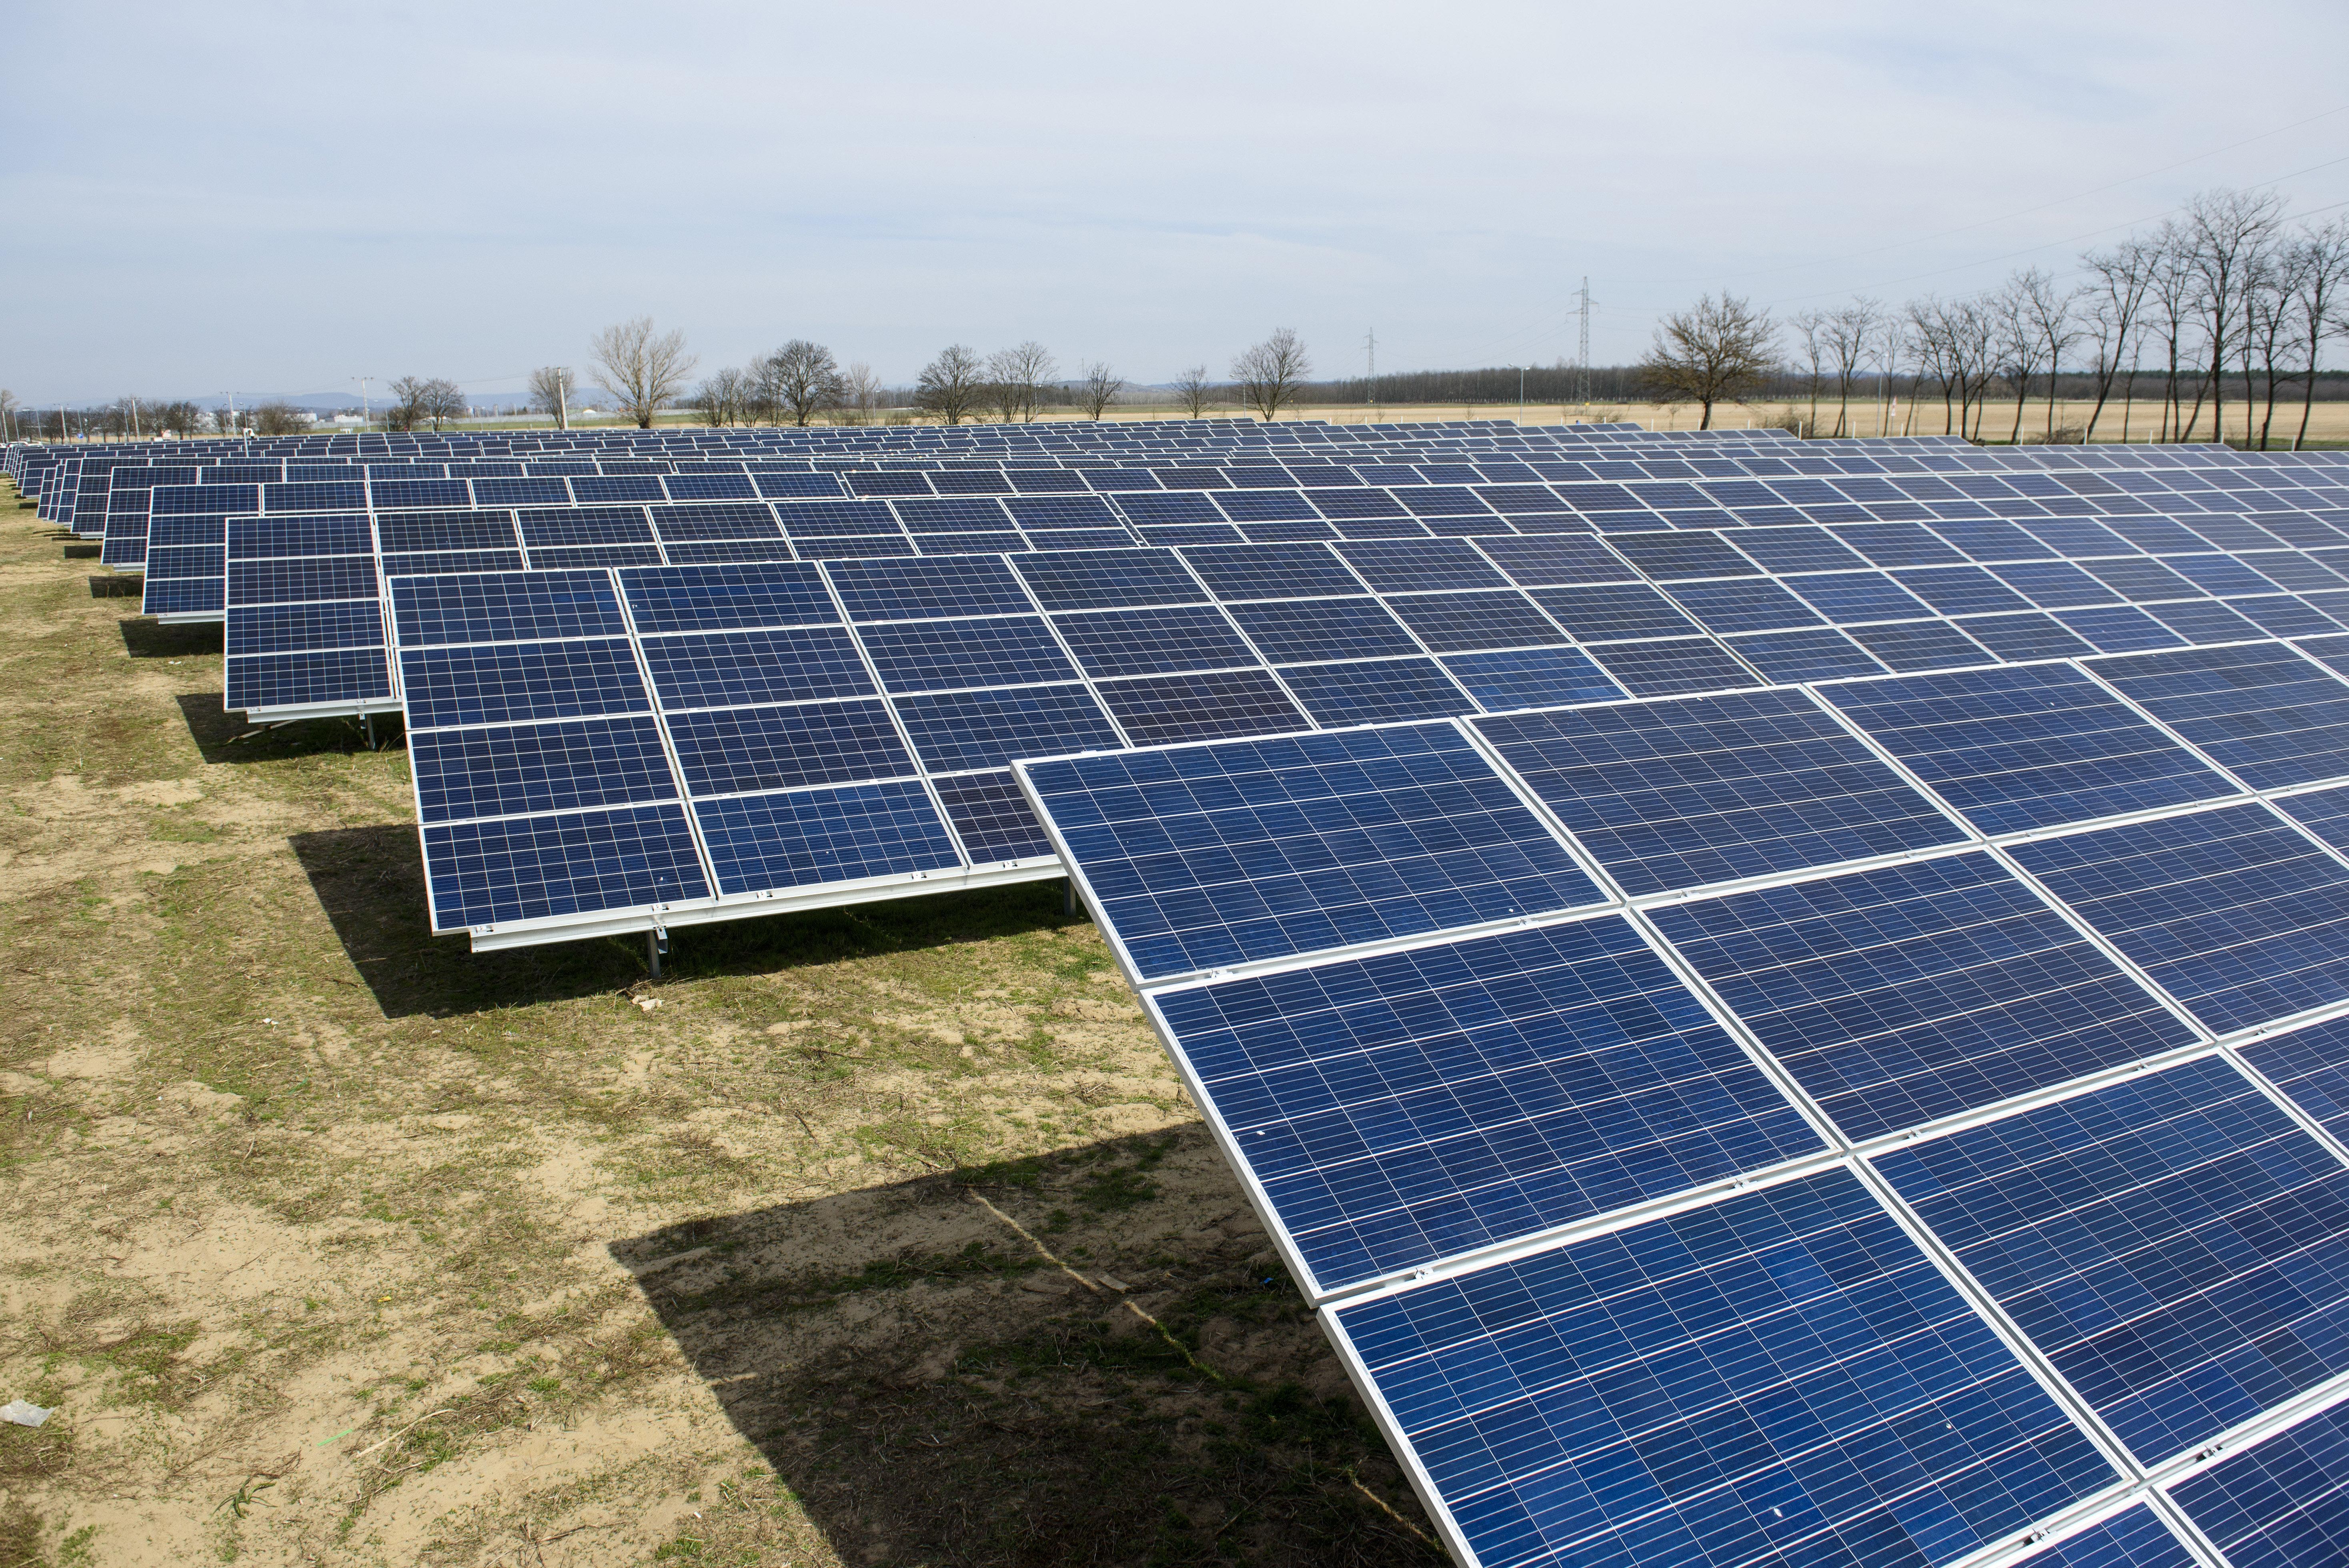 Tiborcz István üzletfelei 5,6 milliárdnyi közpénzt kaptak napelemparkokra, amint a kormány a klímavédelem felé fordult